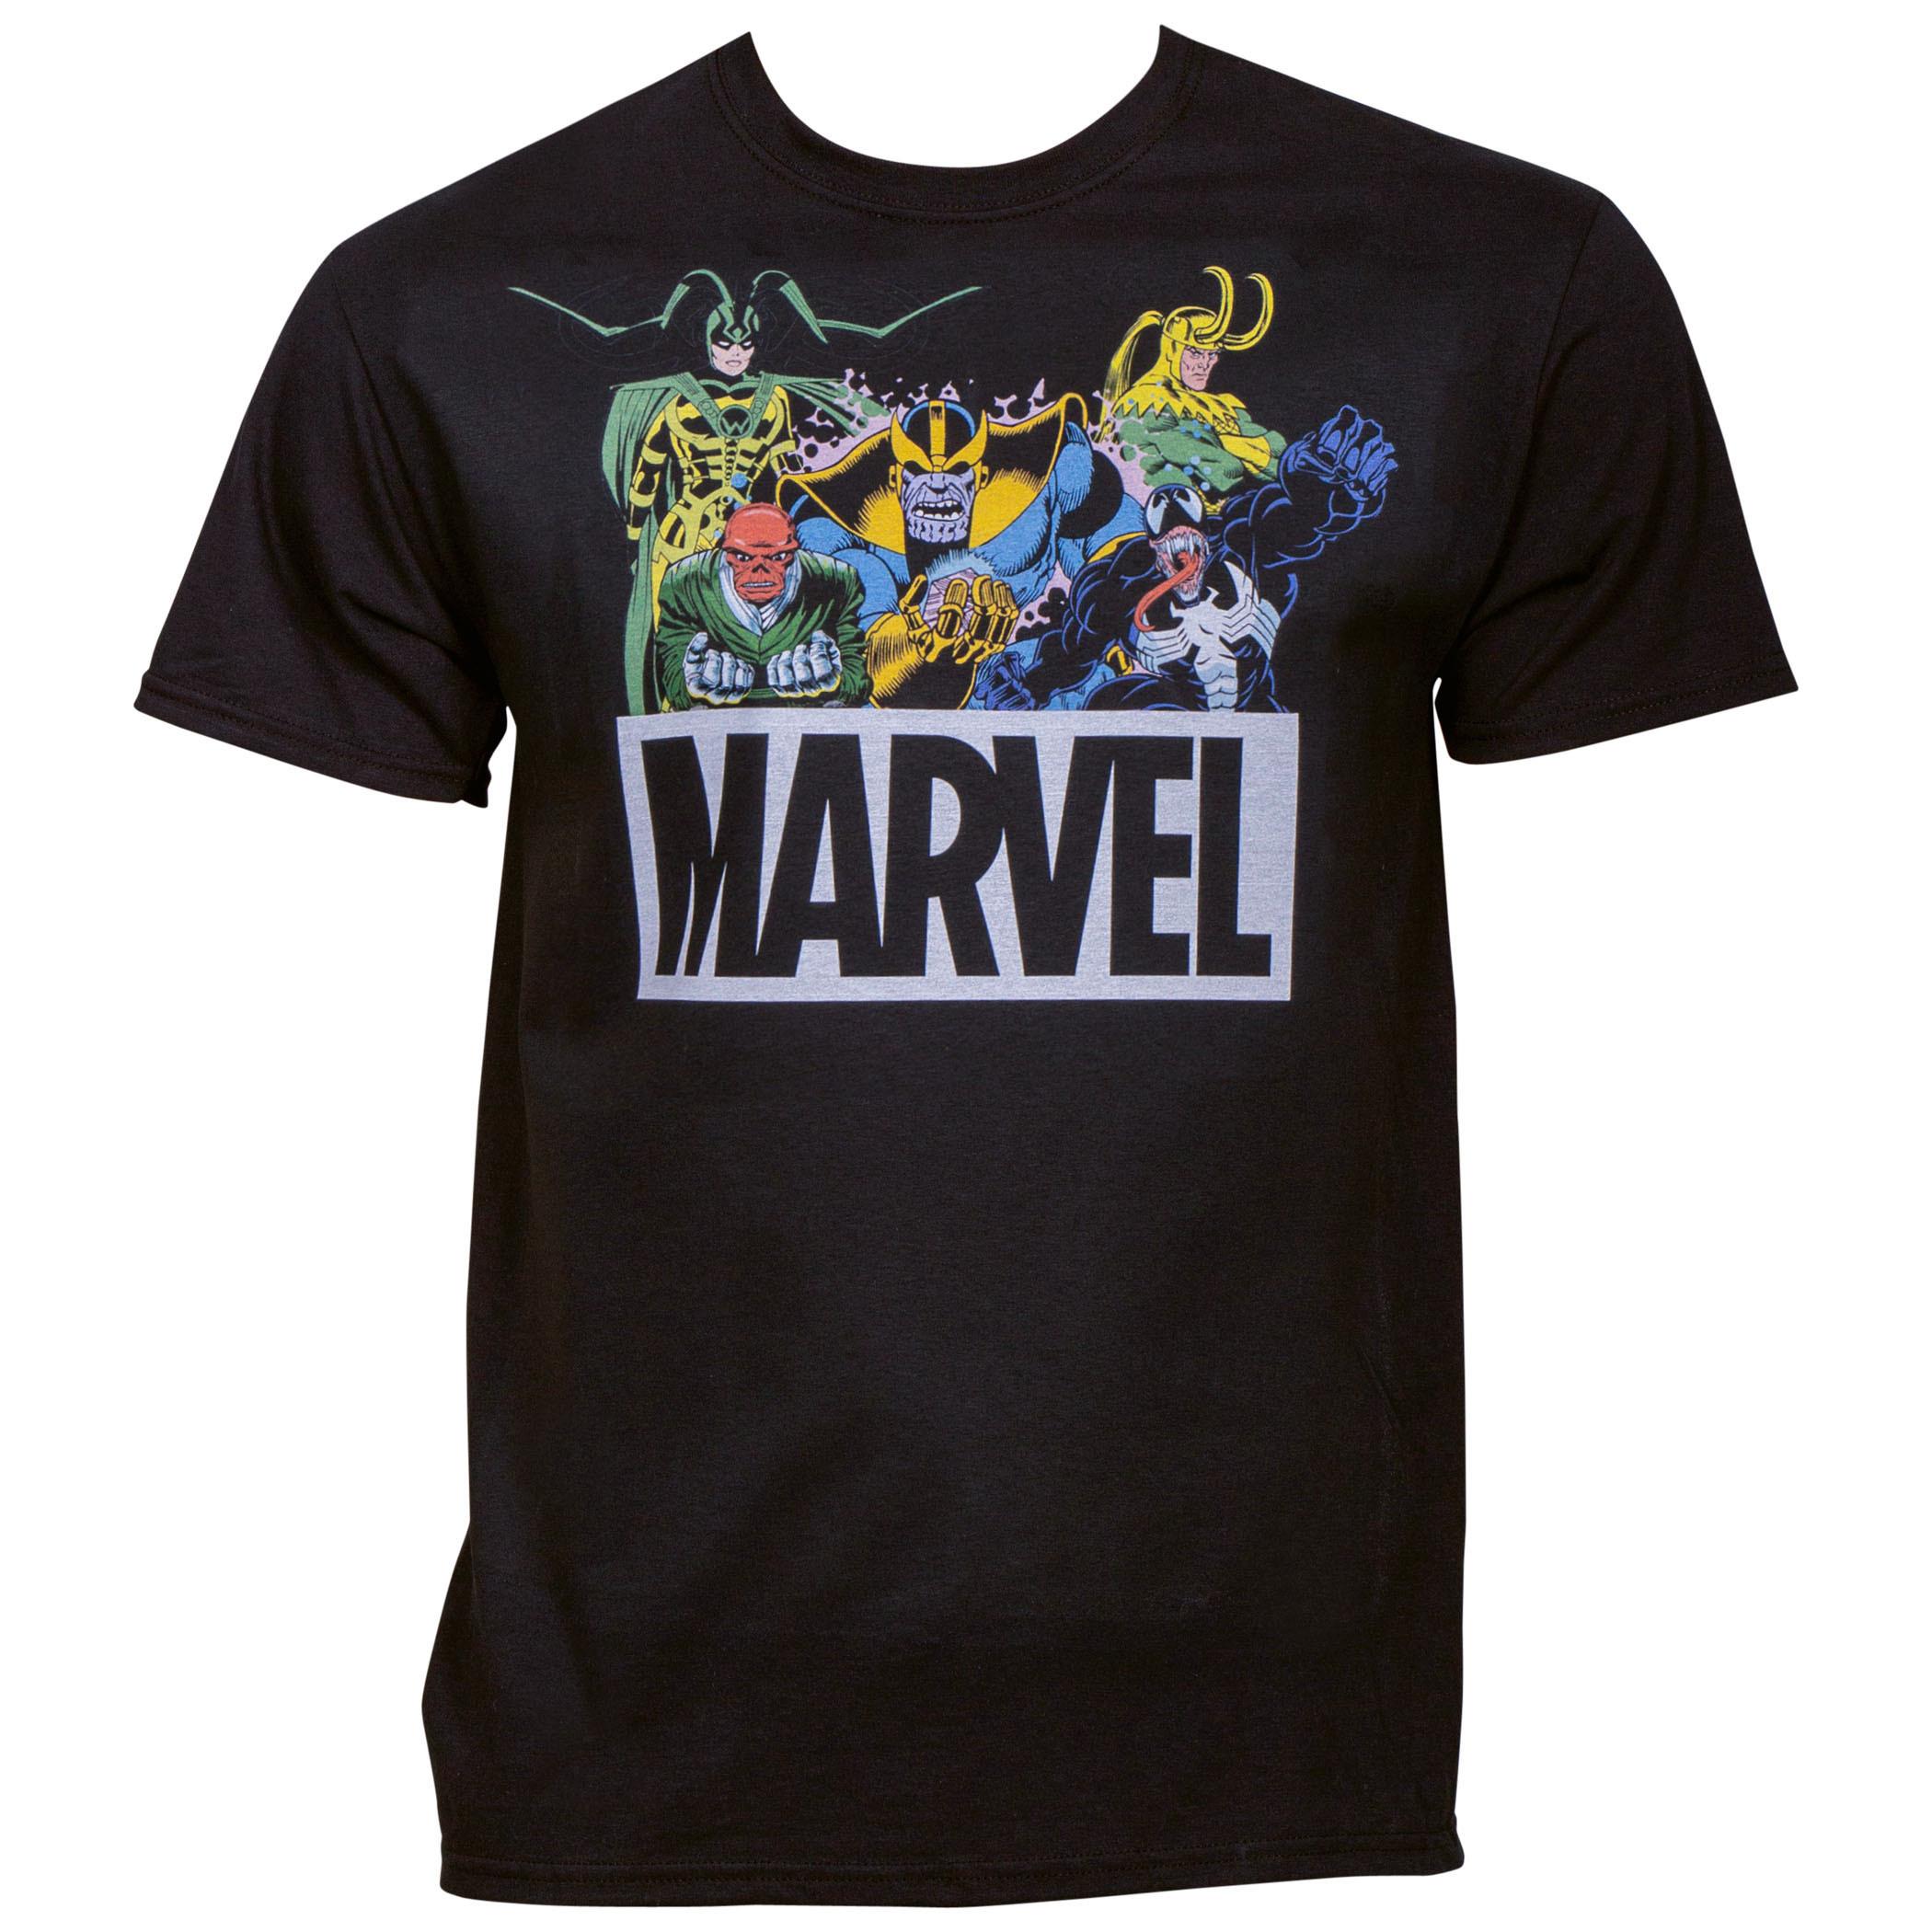 Marvel Comics Brand Villains Lineup T-Shirt